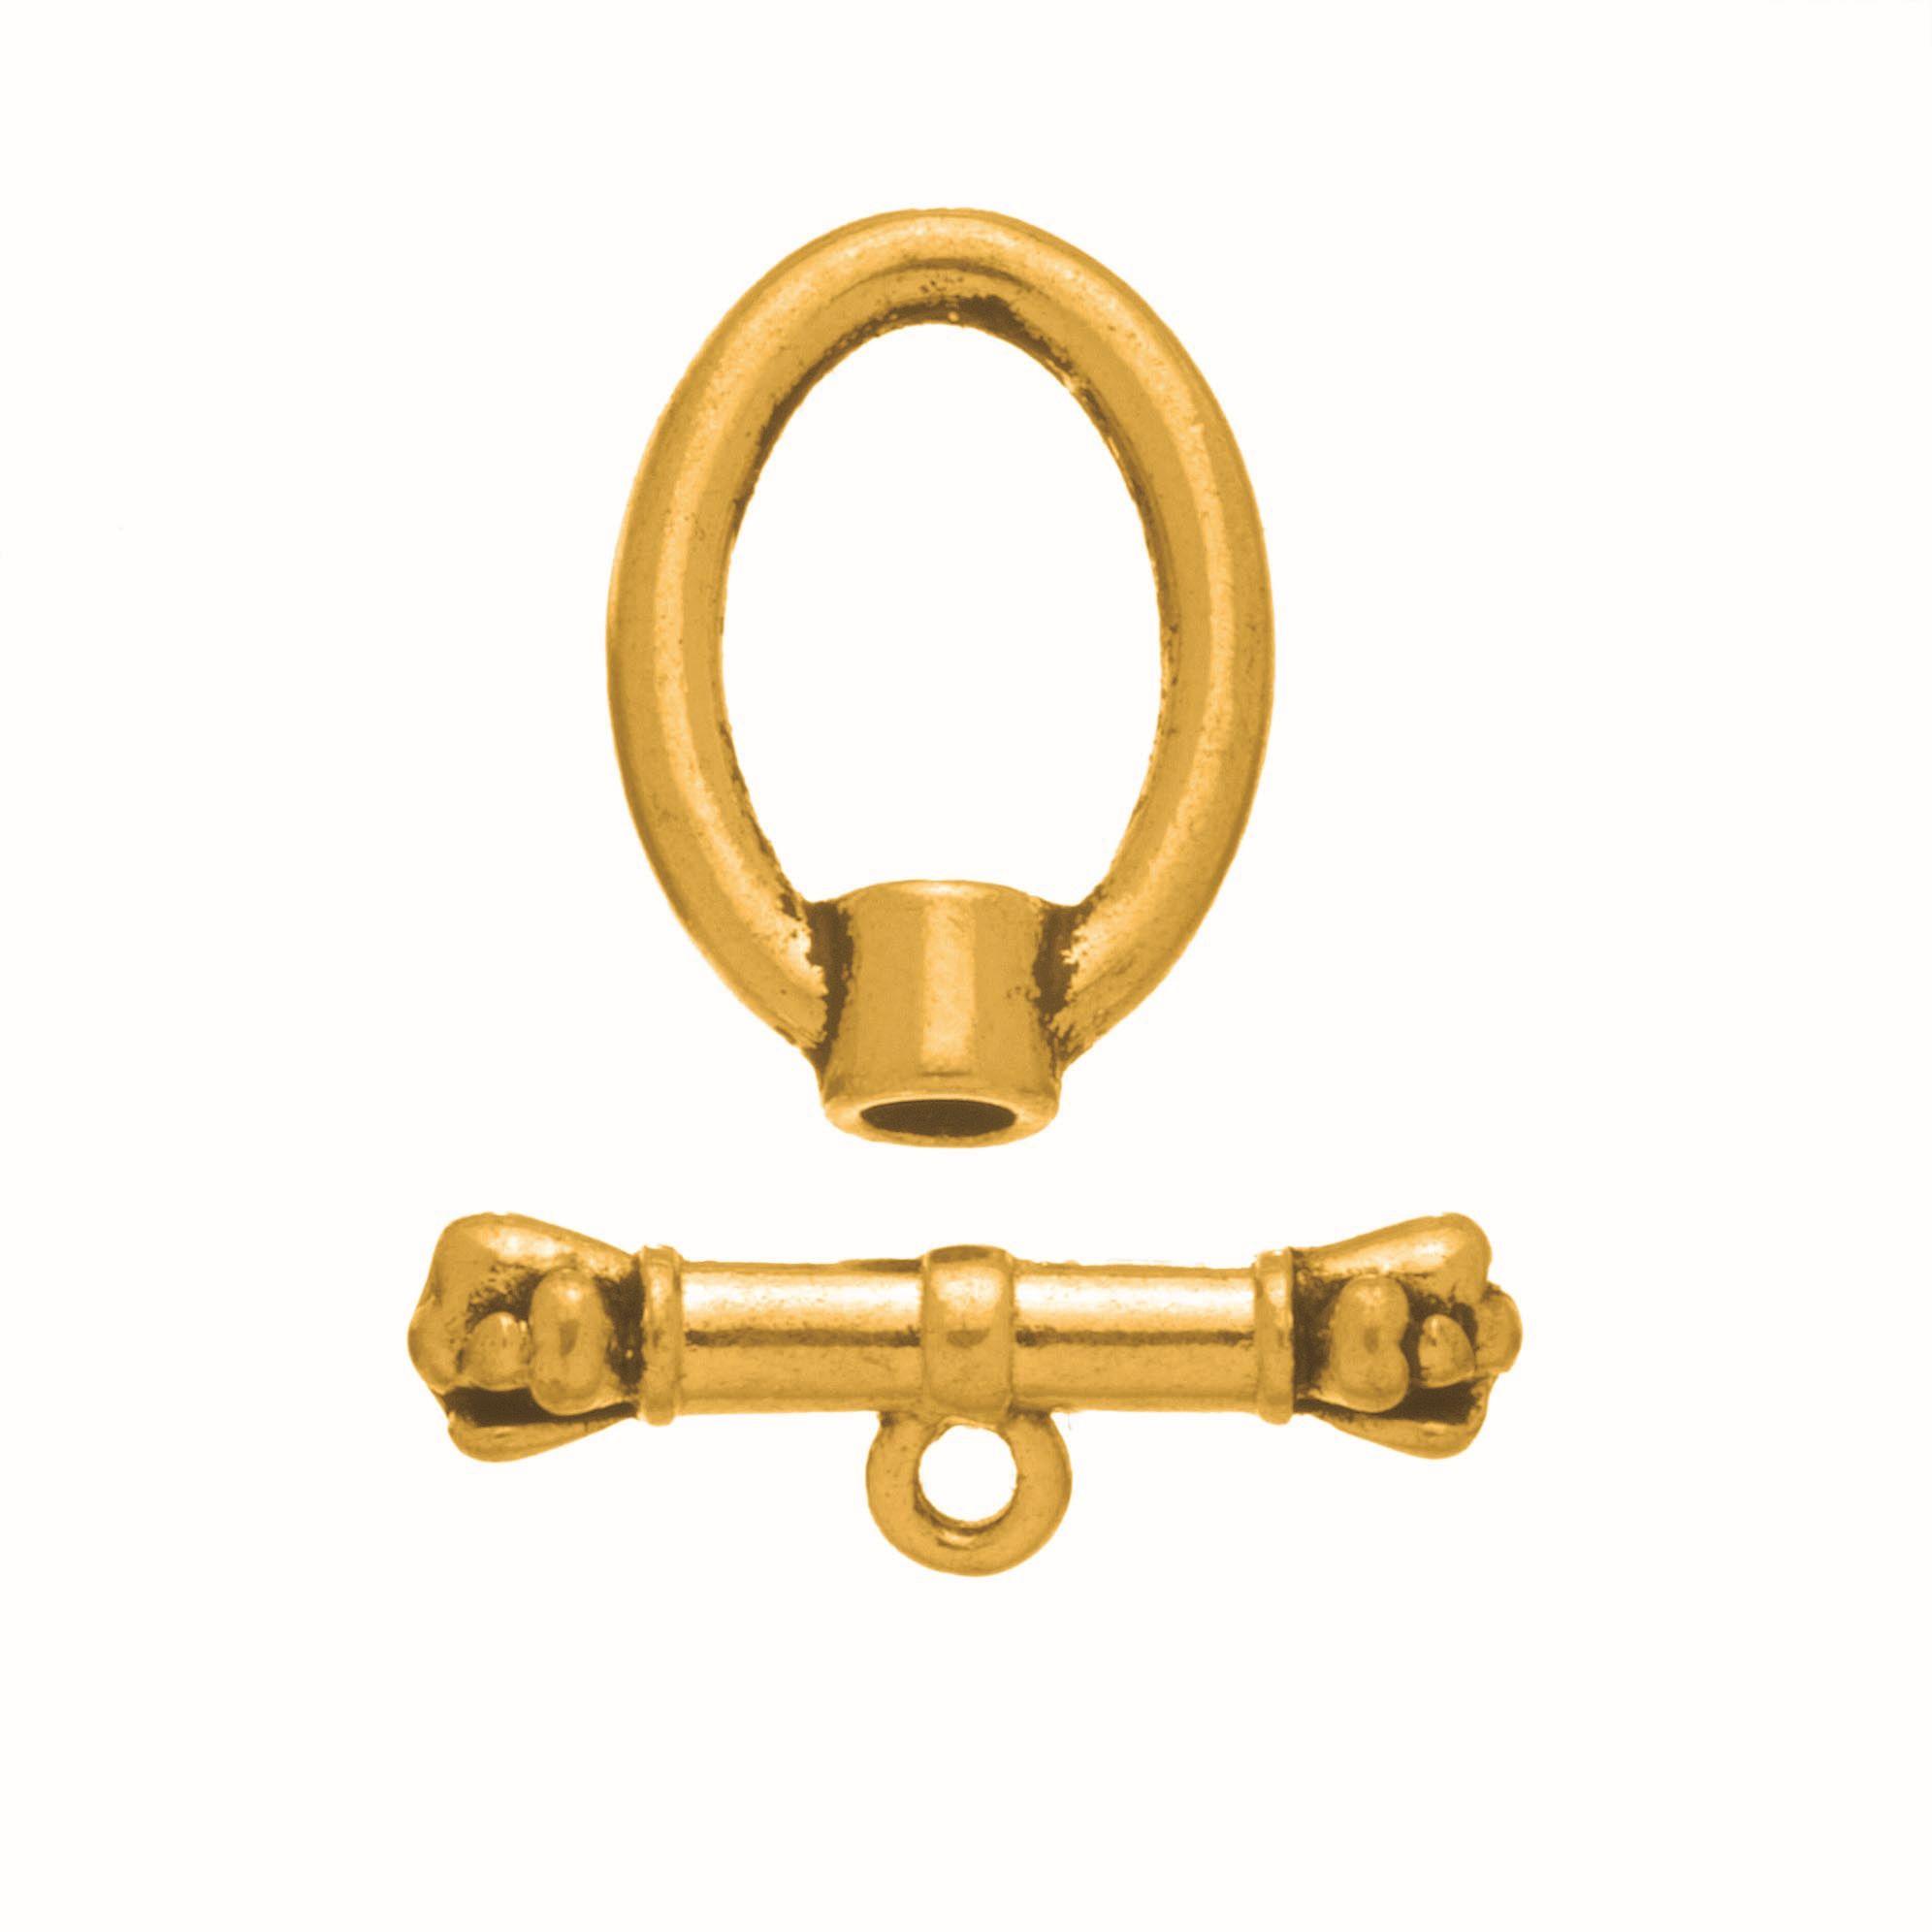 63714003 Застежка металлическая овальная 4шт золото Glorex